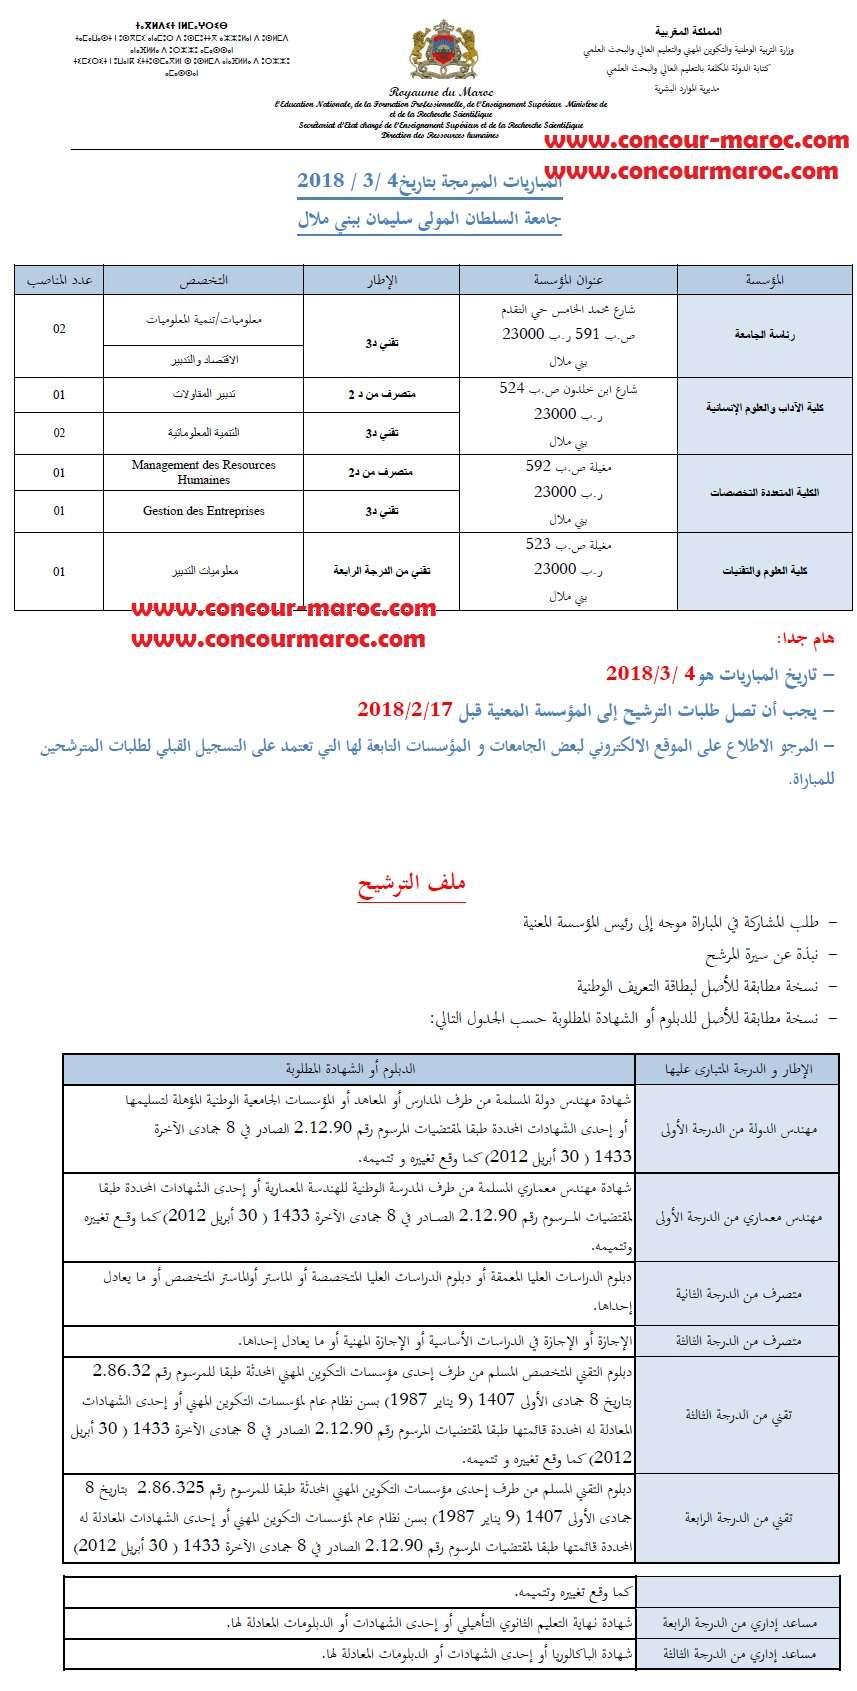 جامعة المولى سليمان و مؤسساتها : مباريات توظيف 08 مناصب في مختلف الدرجات آخر أجل 17 فبراير 2018 Concou95